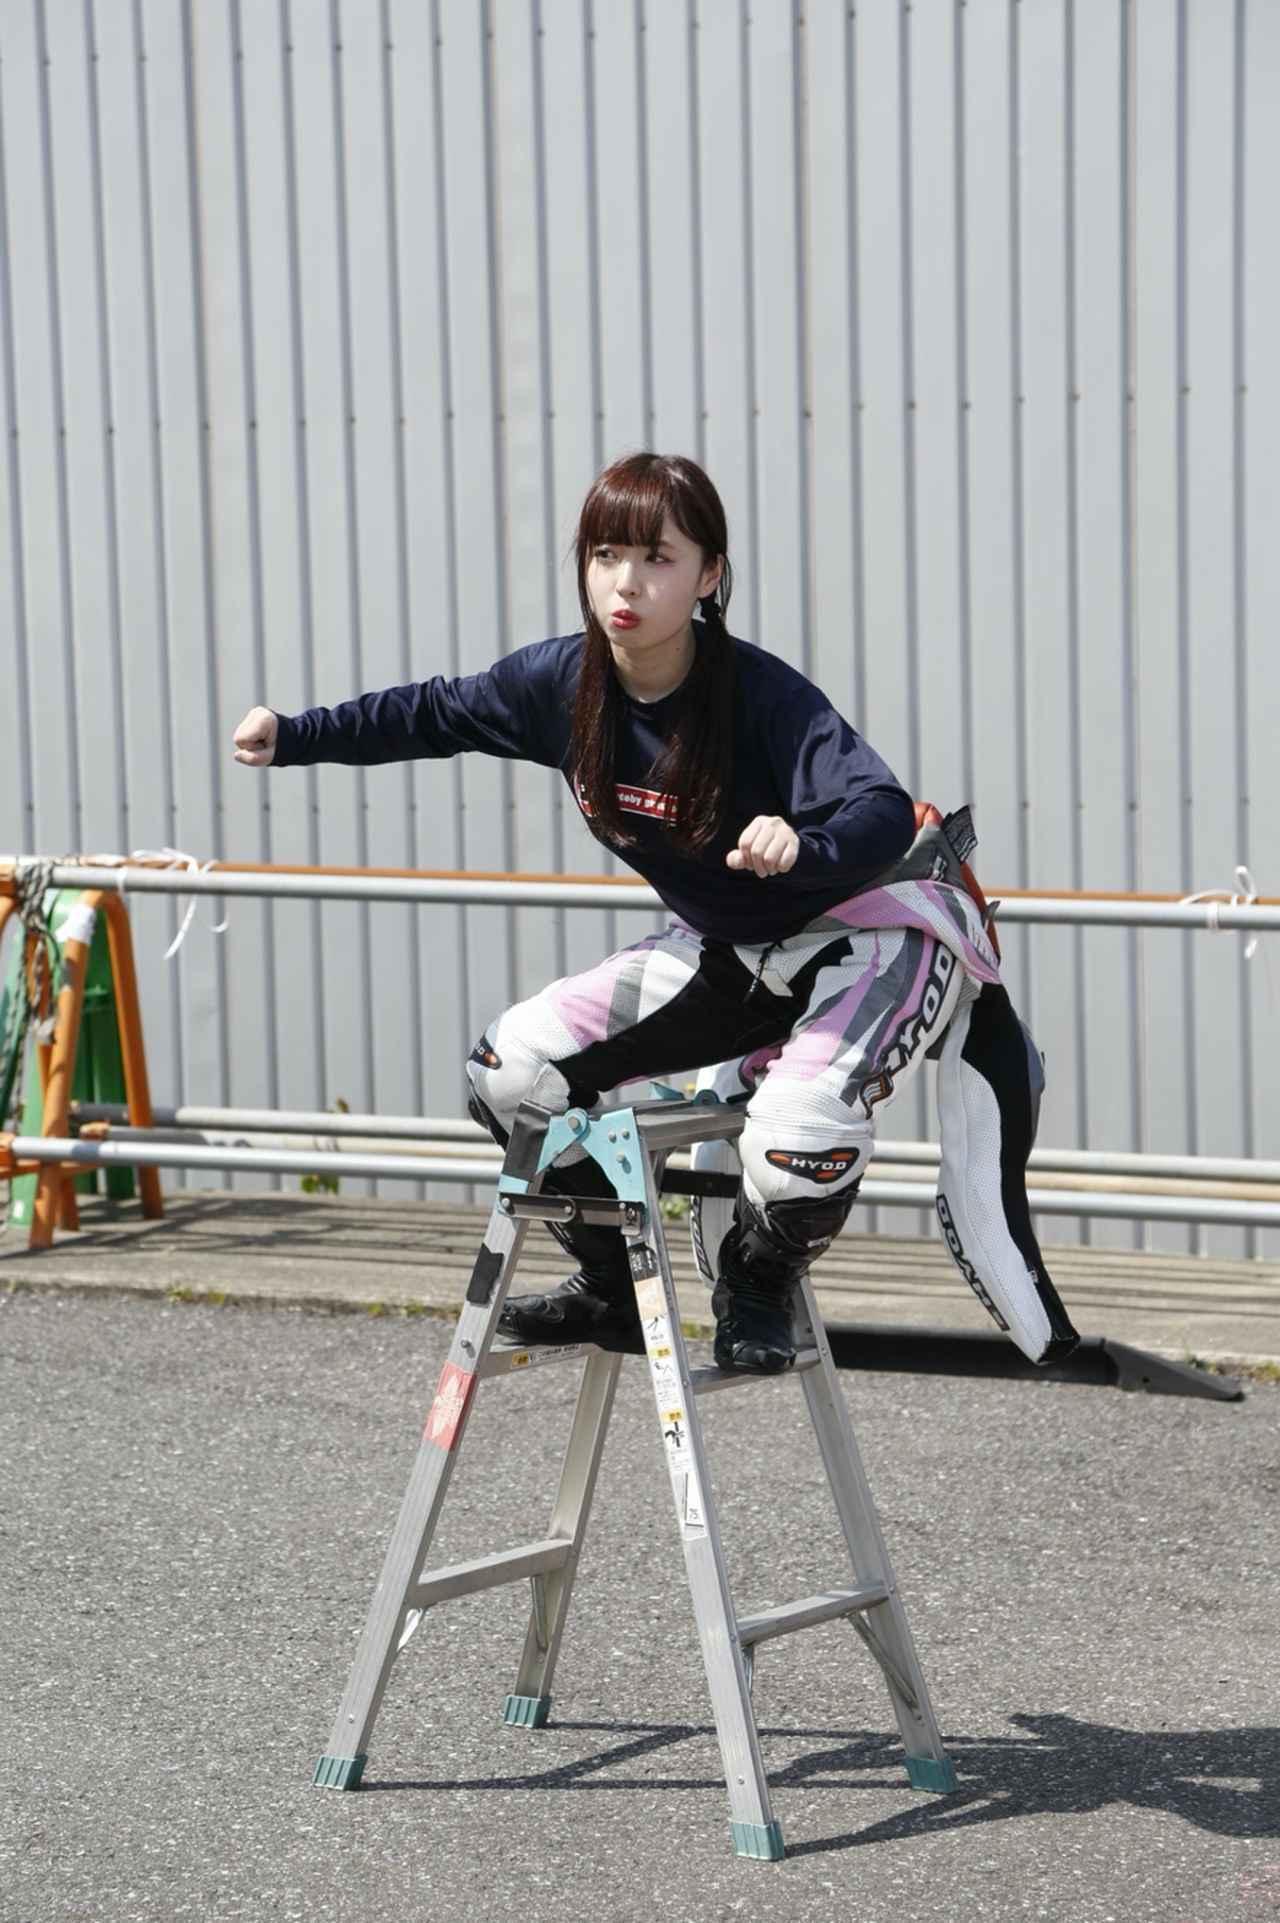 """目指せ""""我流""""脱出! 女子部のサーキット練習会に初参加!(奥さおり)"""